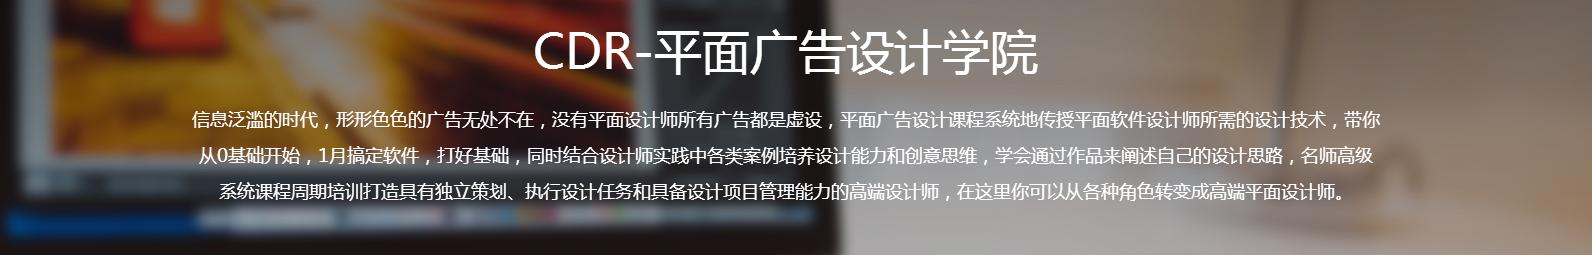 cdr教程视频 banner